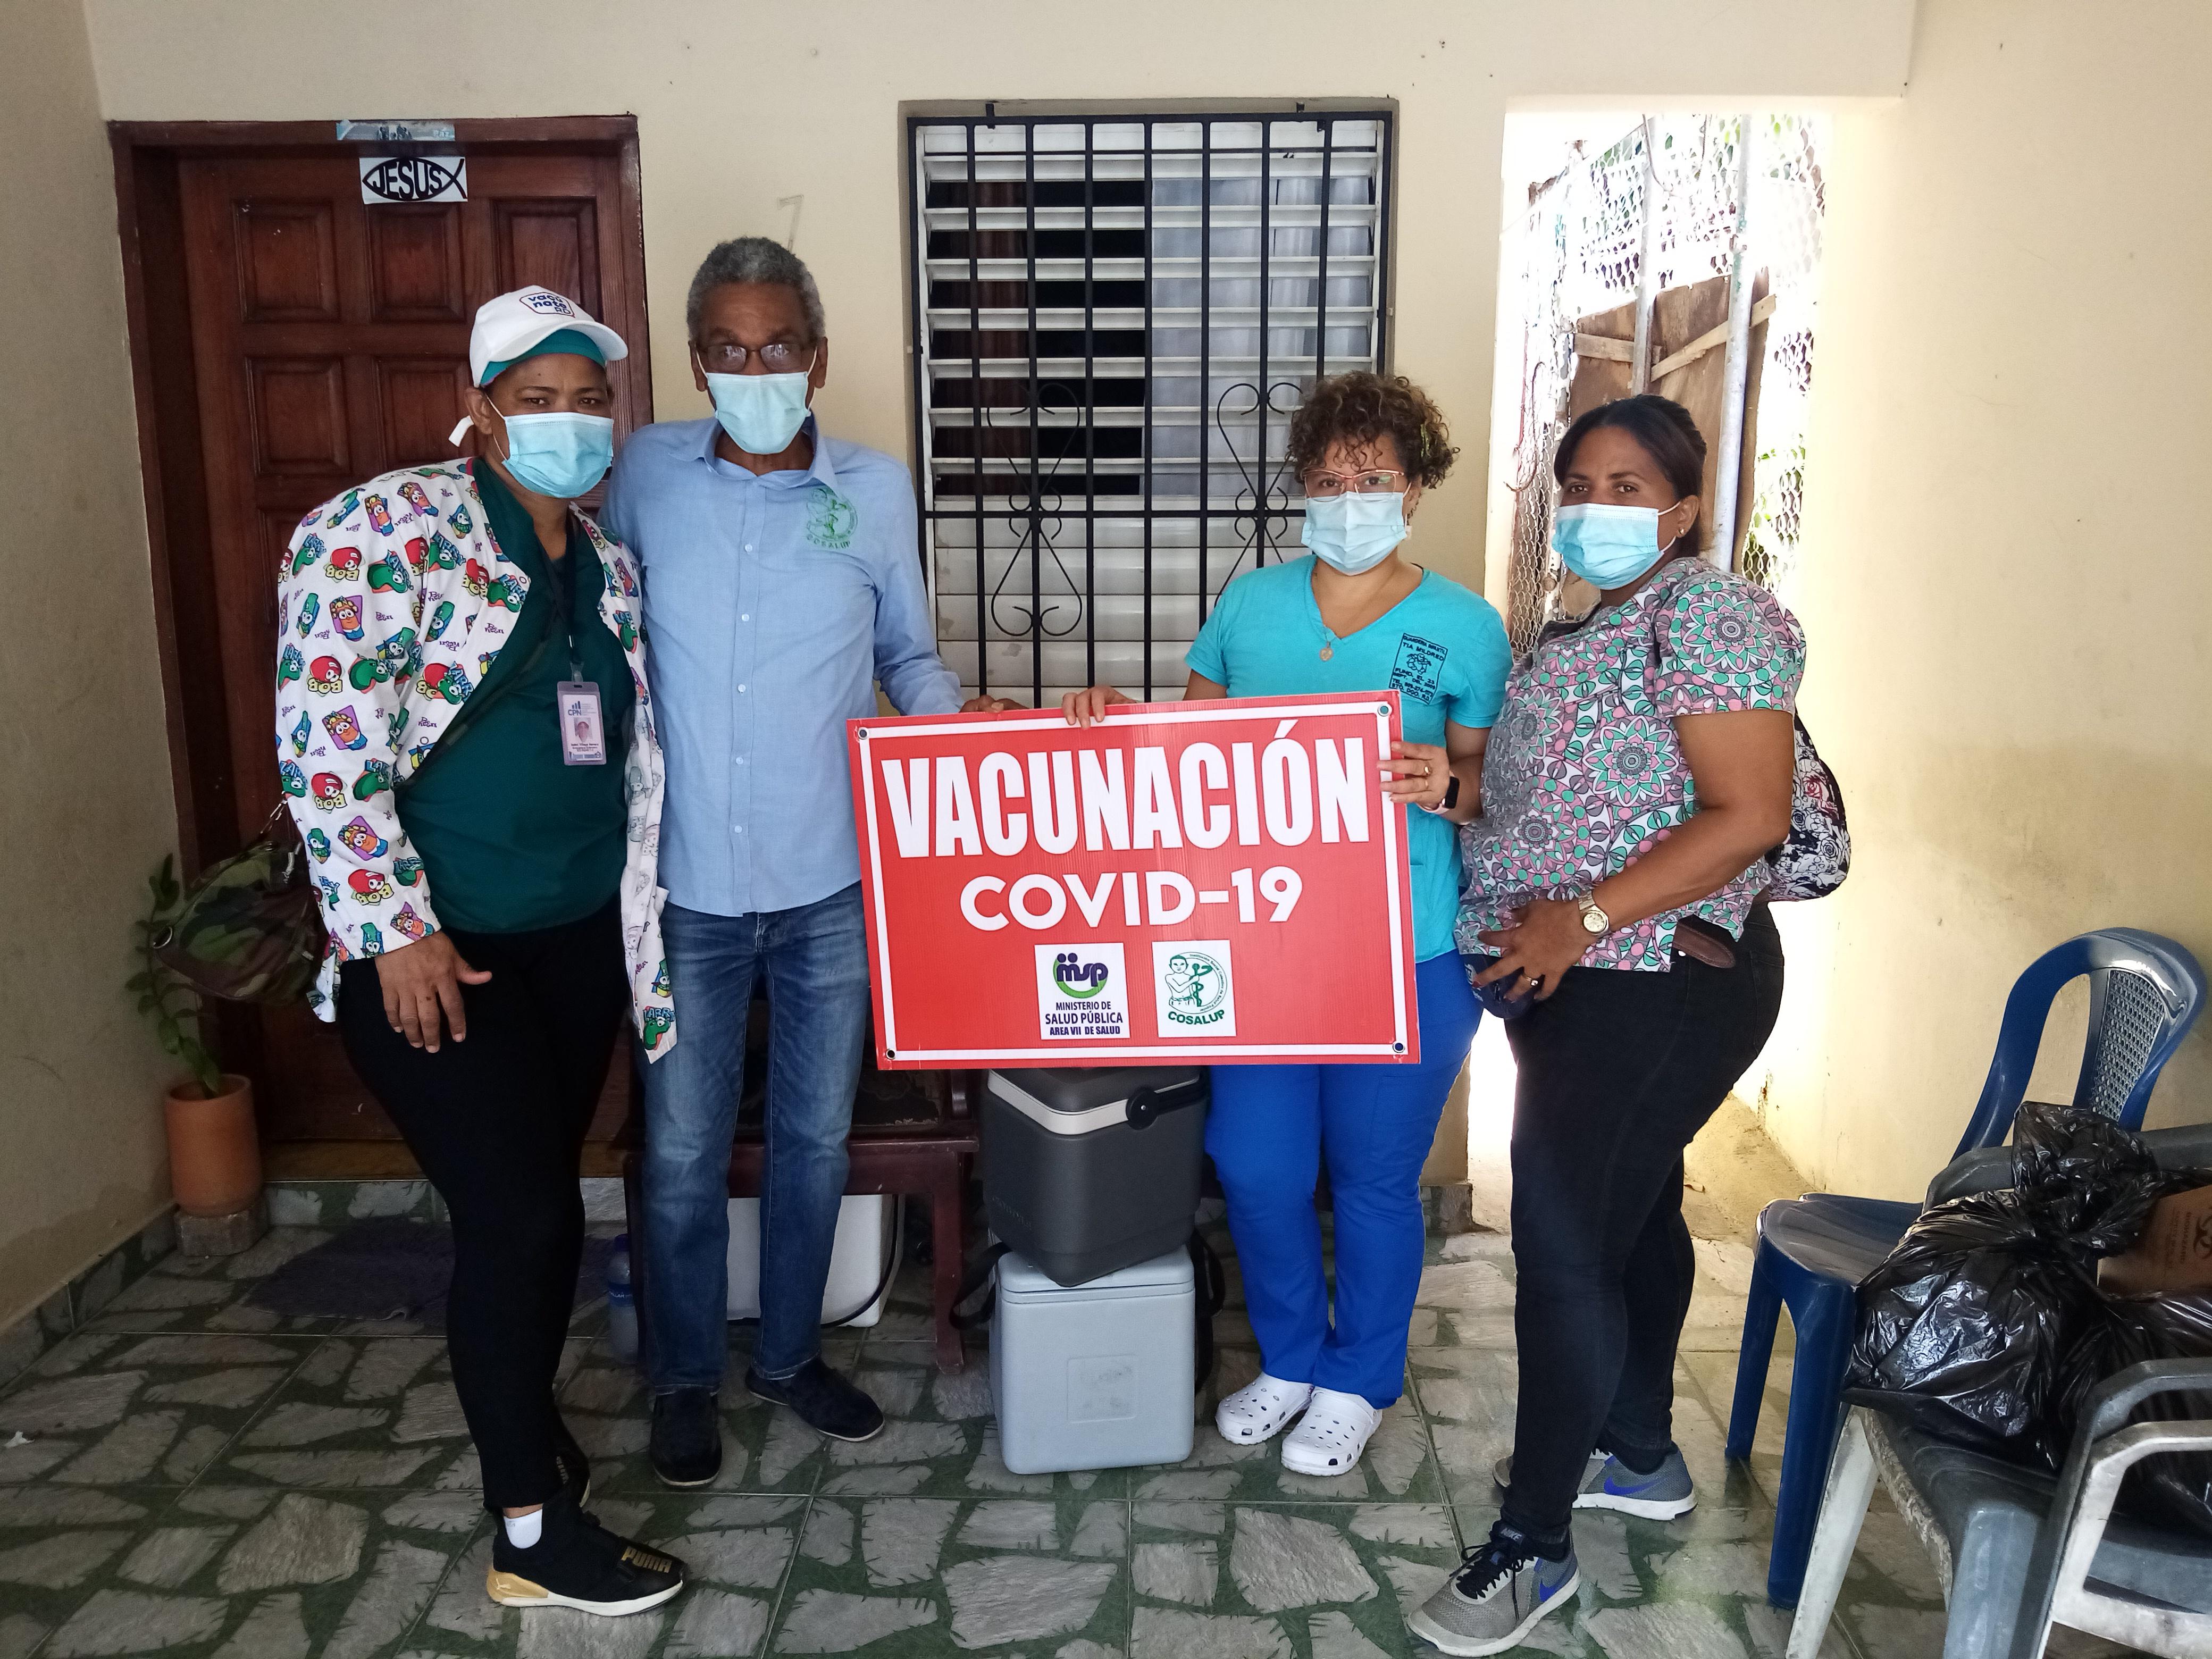 Garantizamos el acceso a vacunas, medicamentos e insumos higiénicos para prevenir el Covid-19 en comunidades de Santo Domingo